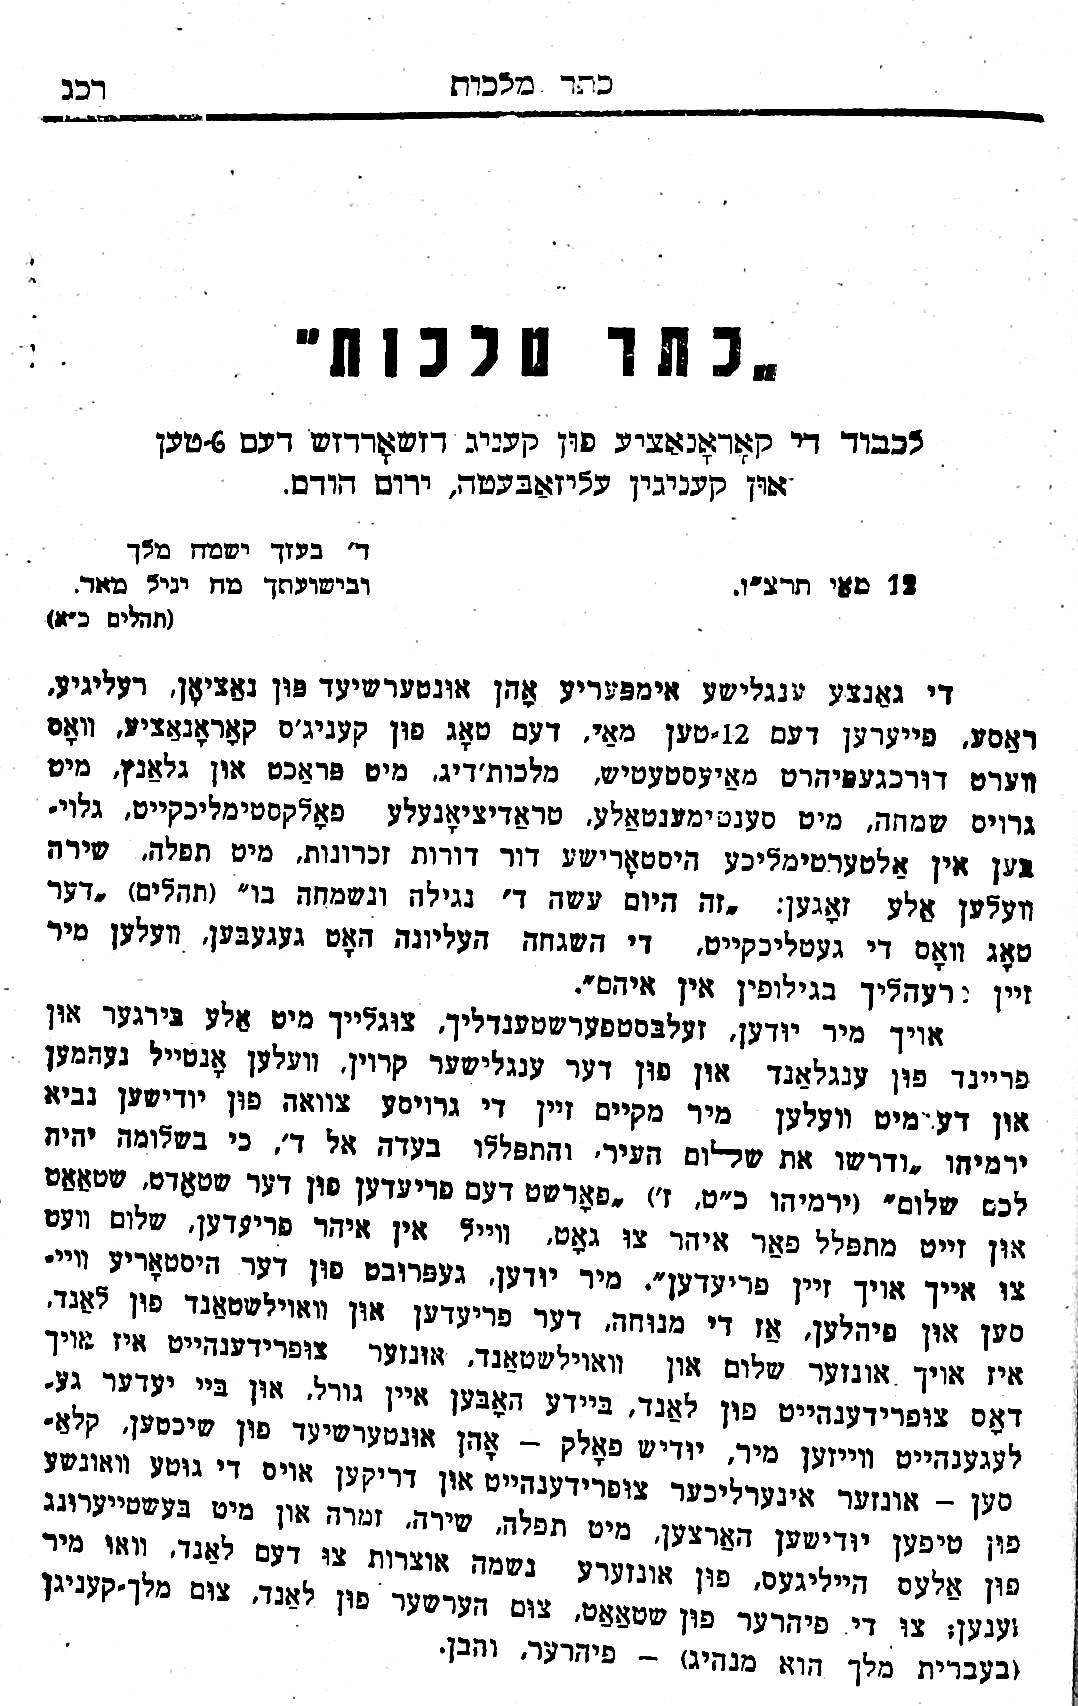 1938Szpetman17